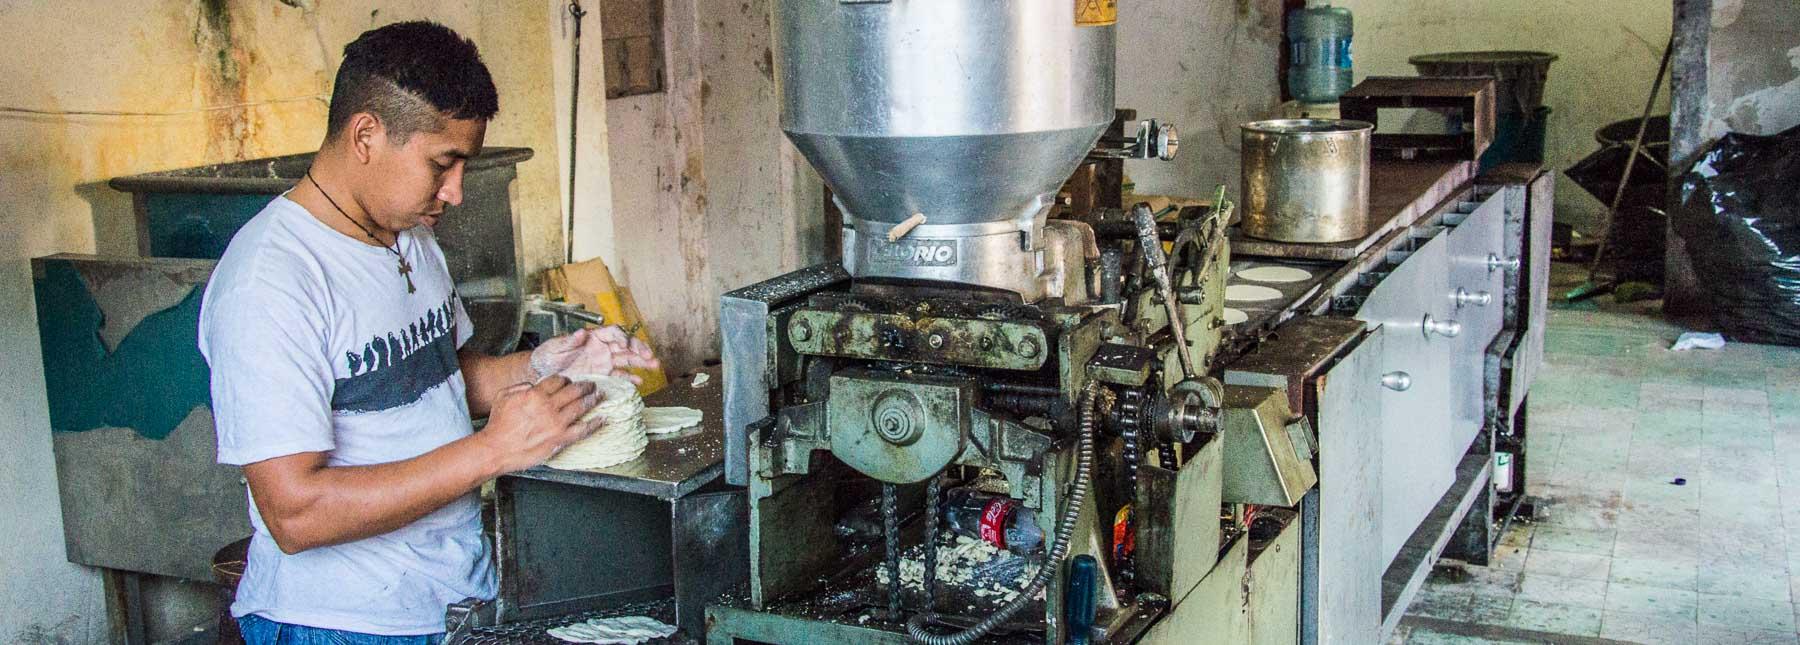 Man in Valladolid making tortillas.